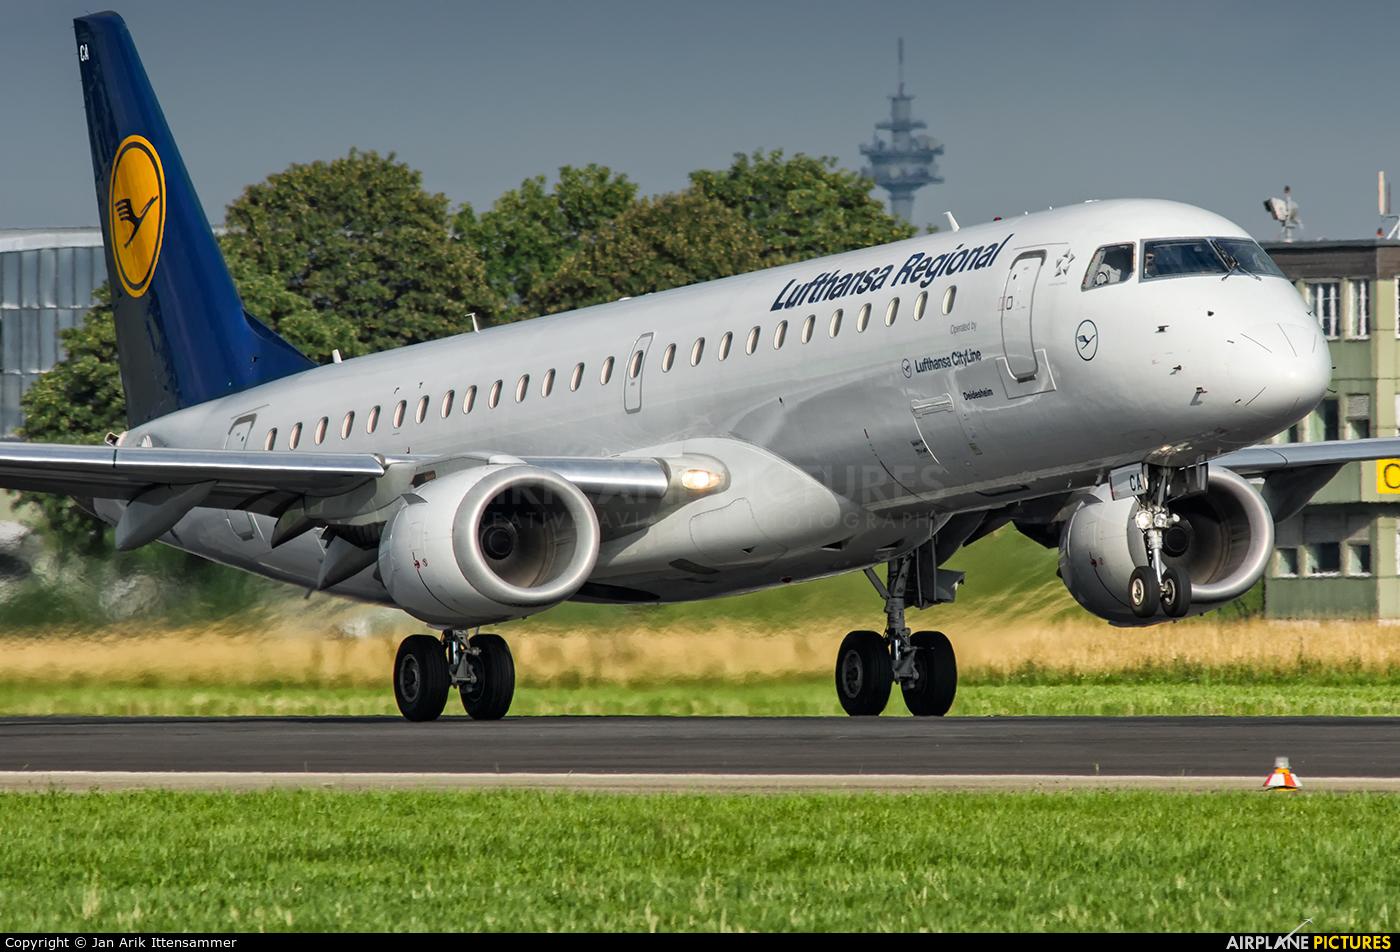 Lufthansa Regional - CityLine D-AECA aircraft at Linz